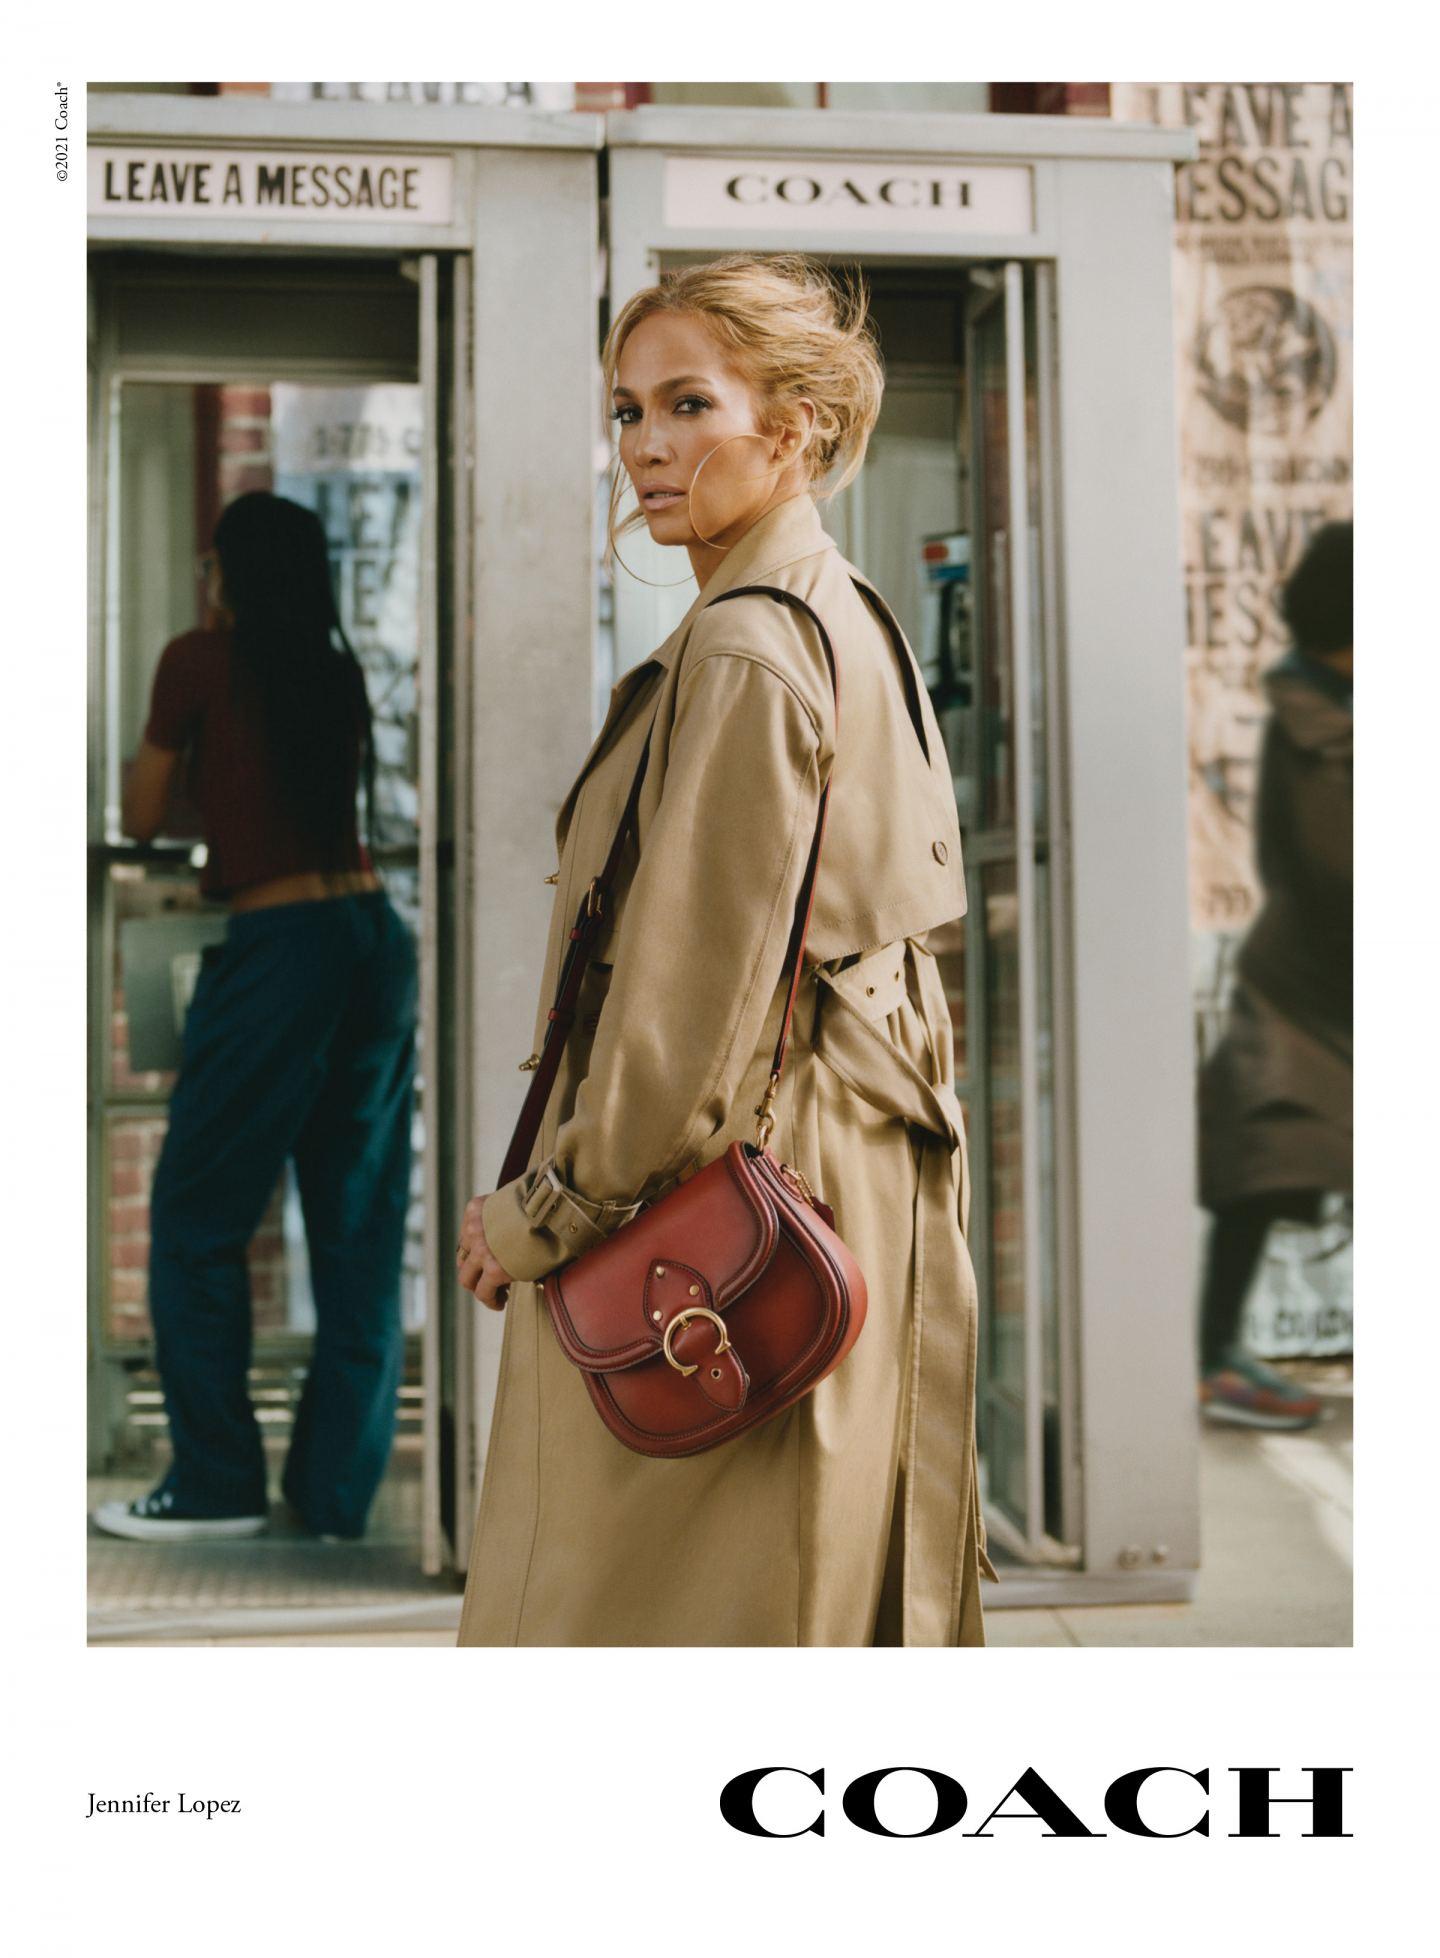 coach bag bags handbag jennifer lopez campaign pay it forward coach it